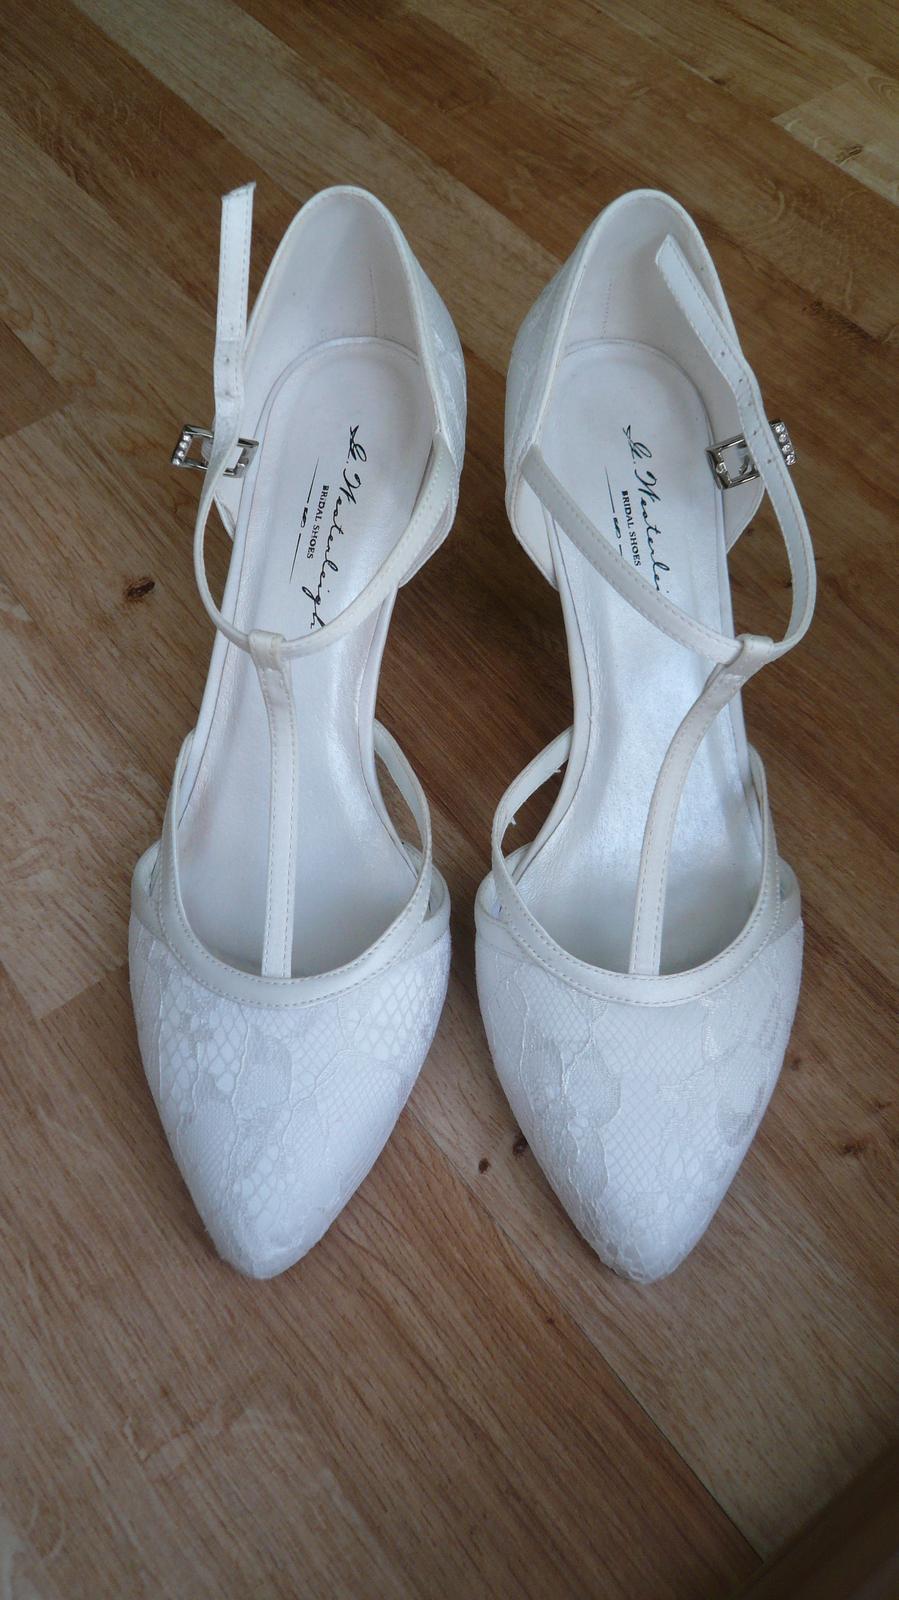 Top stav - svadobné topánky G.Westerleigh  - Obrázok č. 2